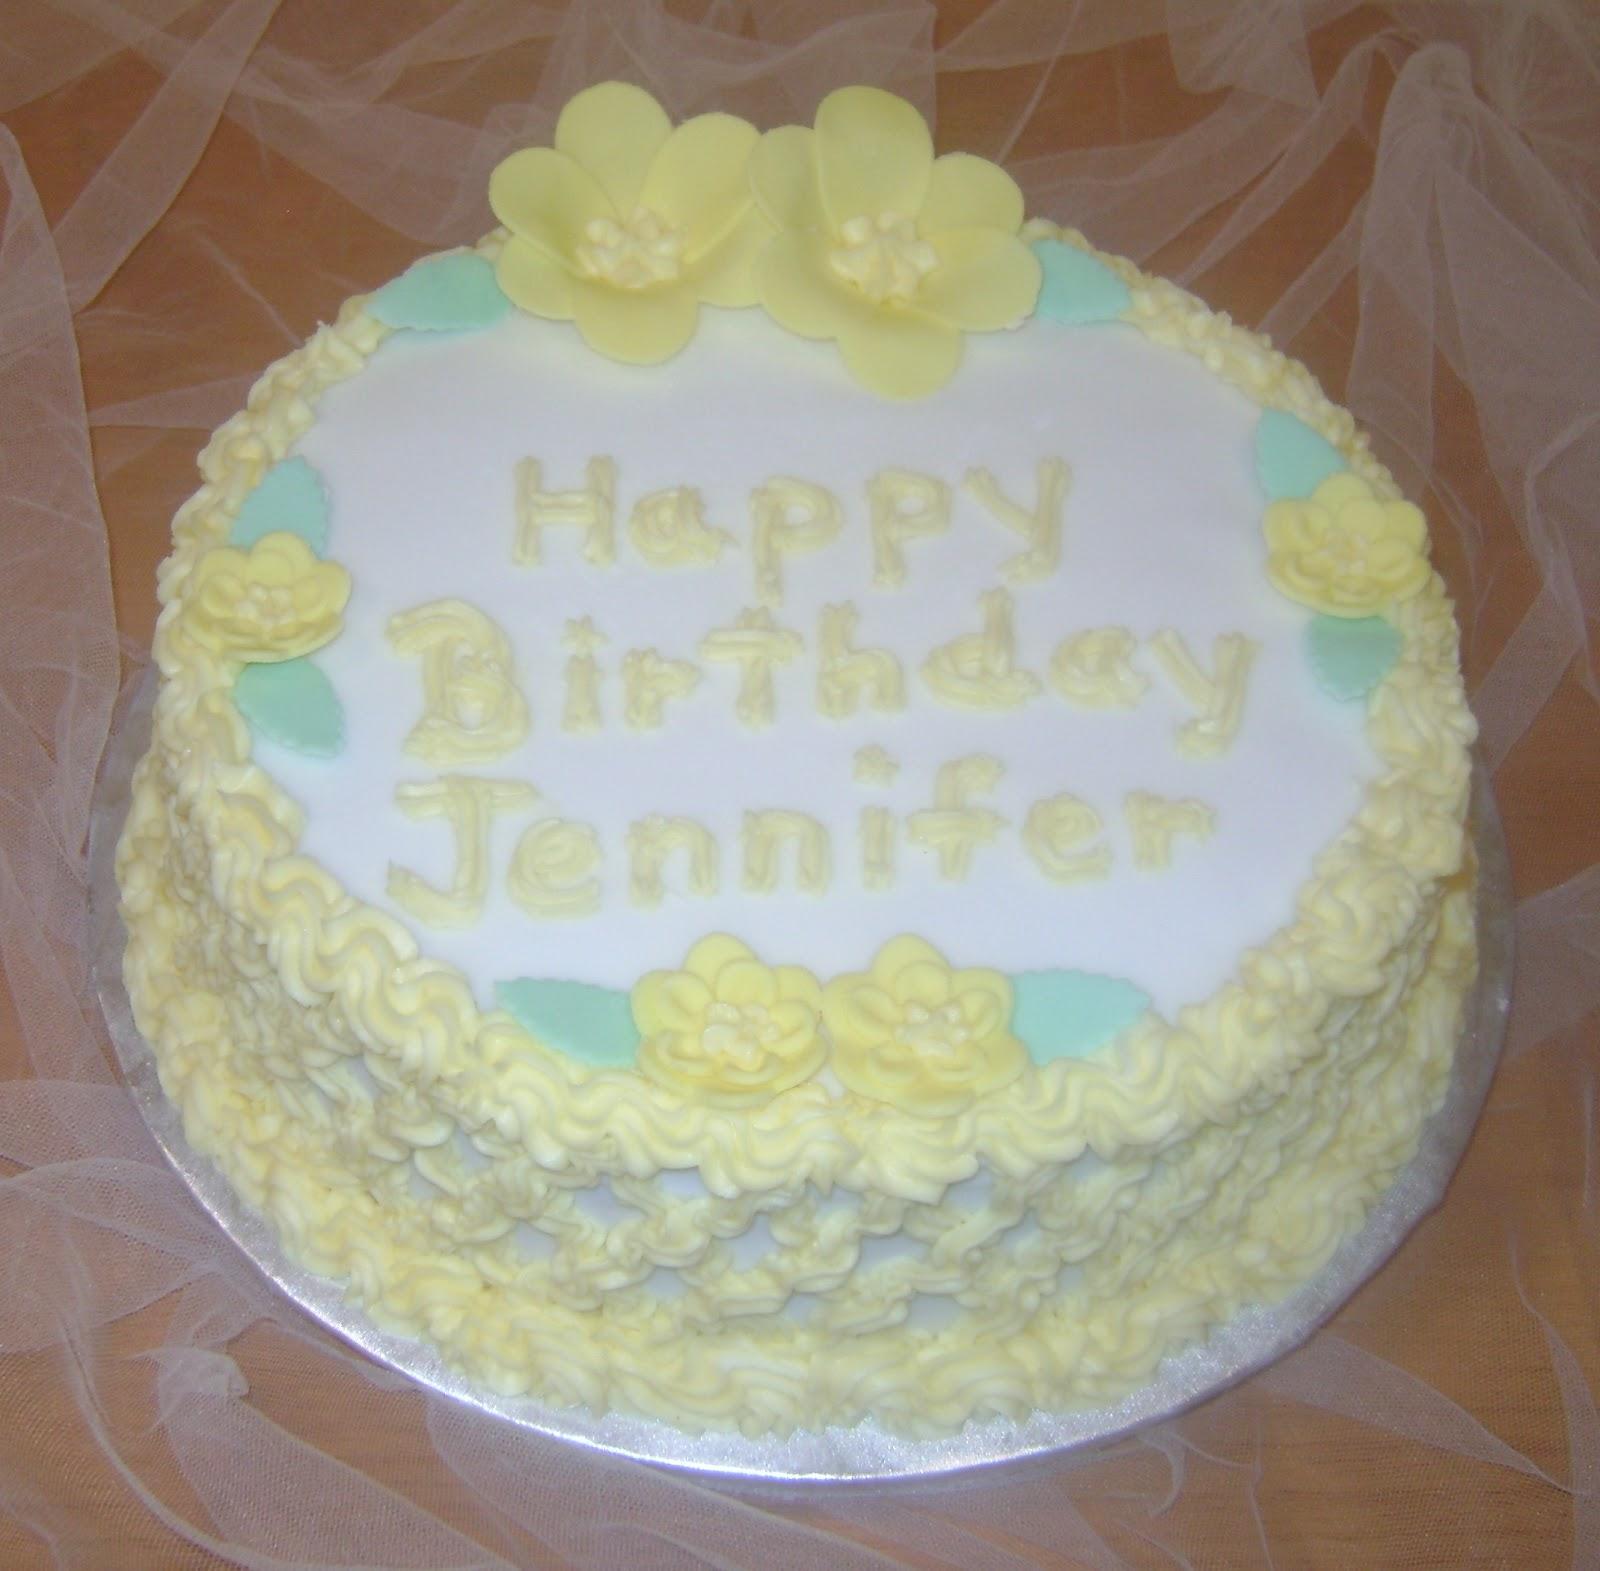 Marilyn's Caribbean Cakes: Happy Birthday Jennifer